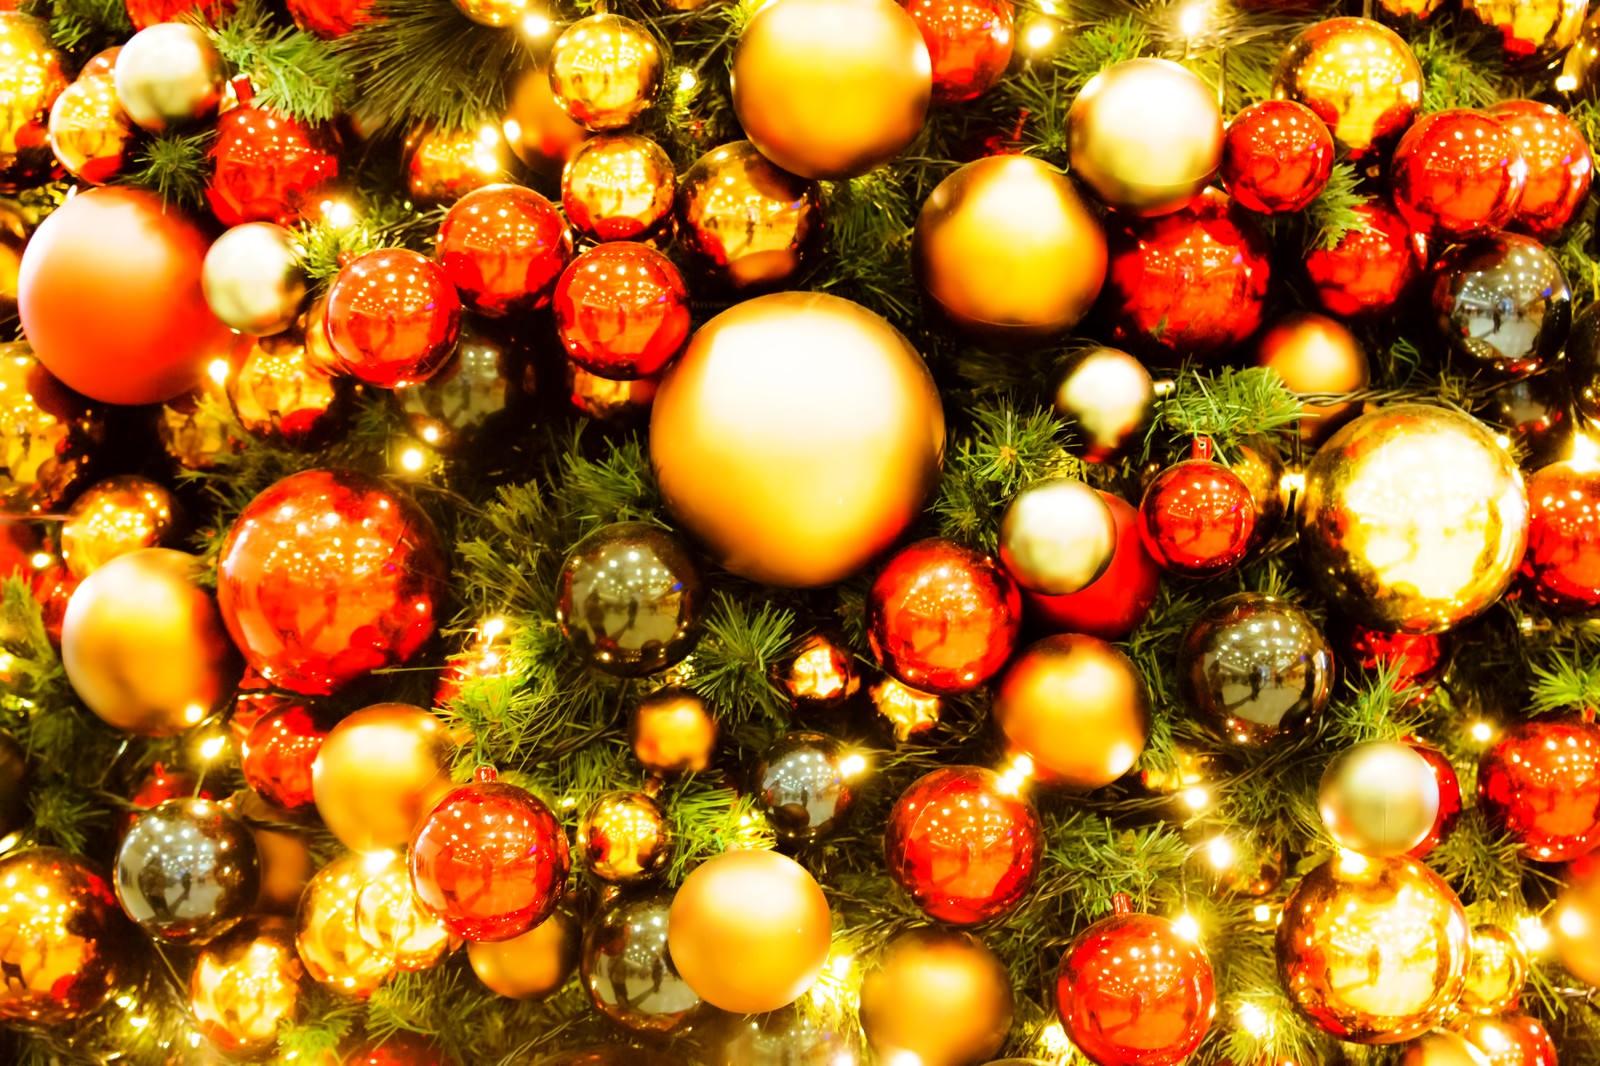 「クリスマスの飾り」の写真